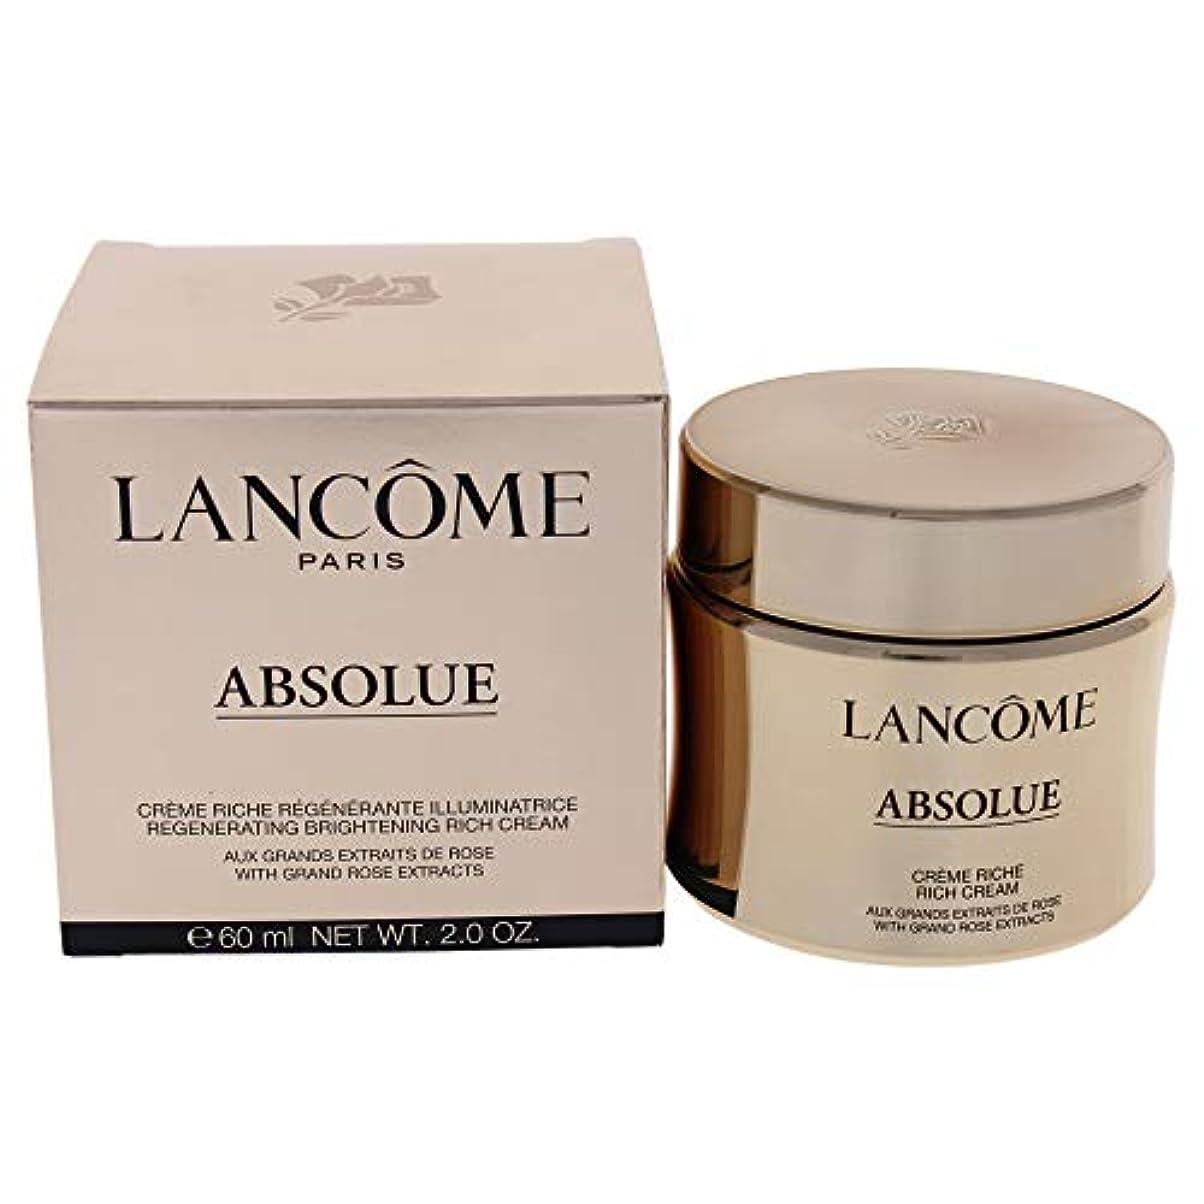 着実に共和党彼女自身Lancome Absolue Rich Cream ランコム アプソリュ リッチクリーム 60ml